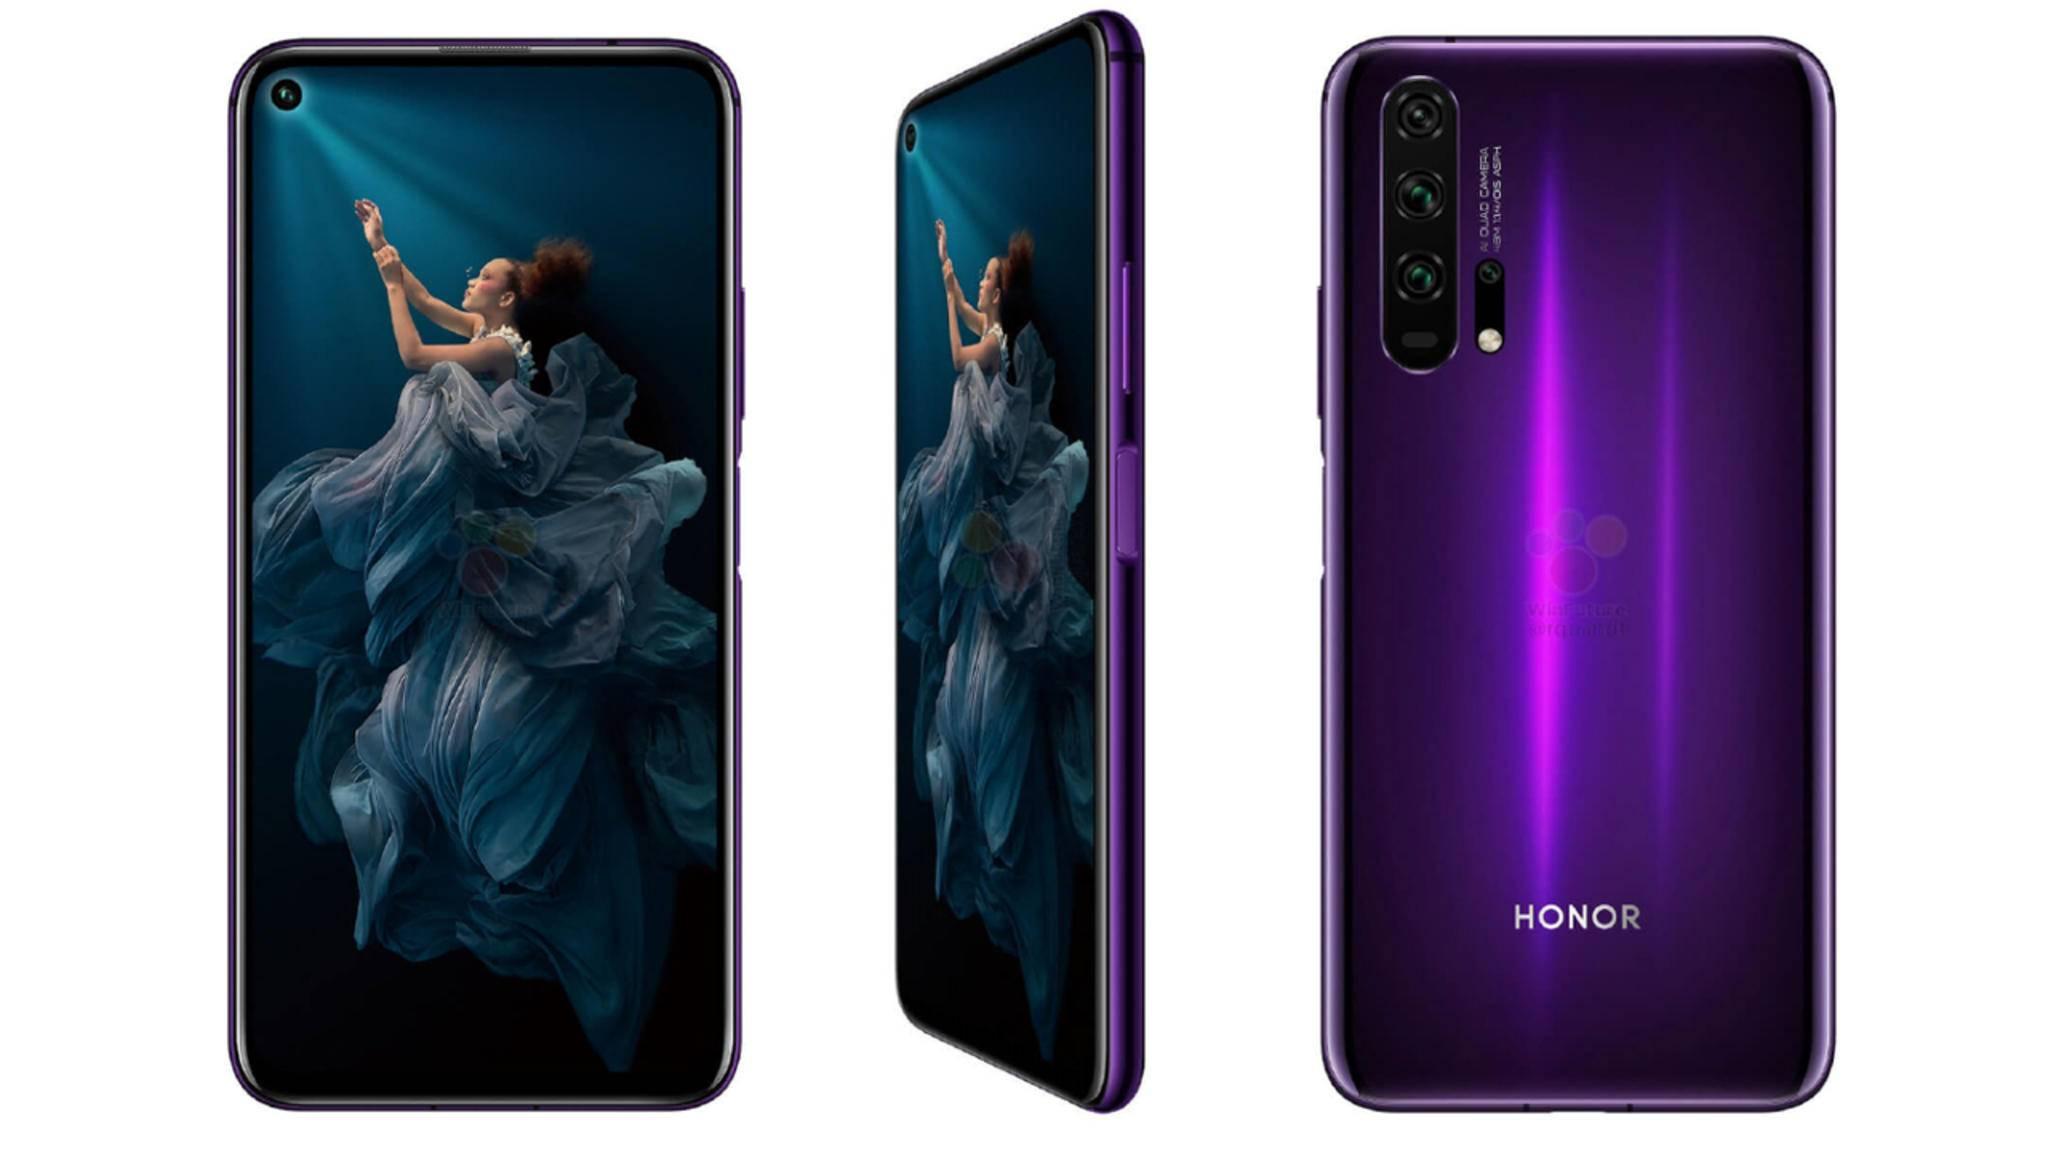 Das Honor 20 Pro hat ein 6,26 Zoll großes Display.